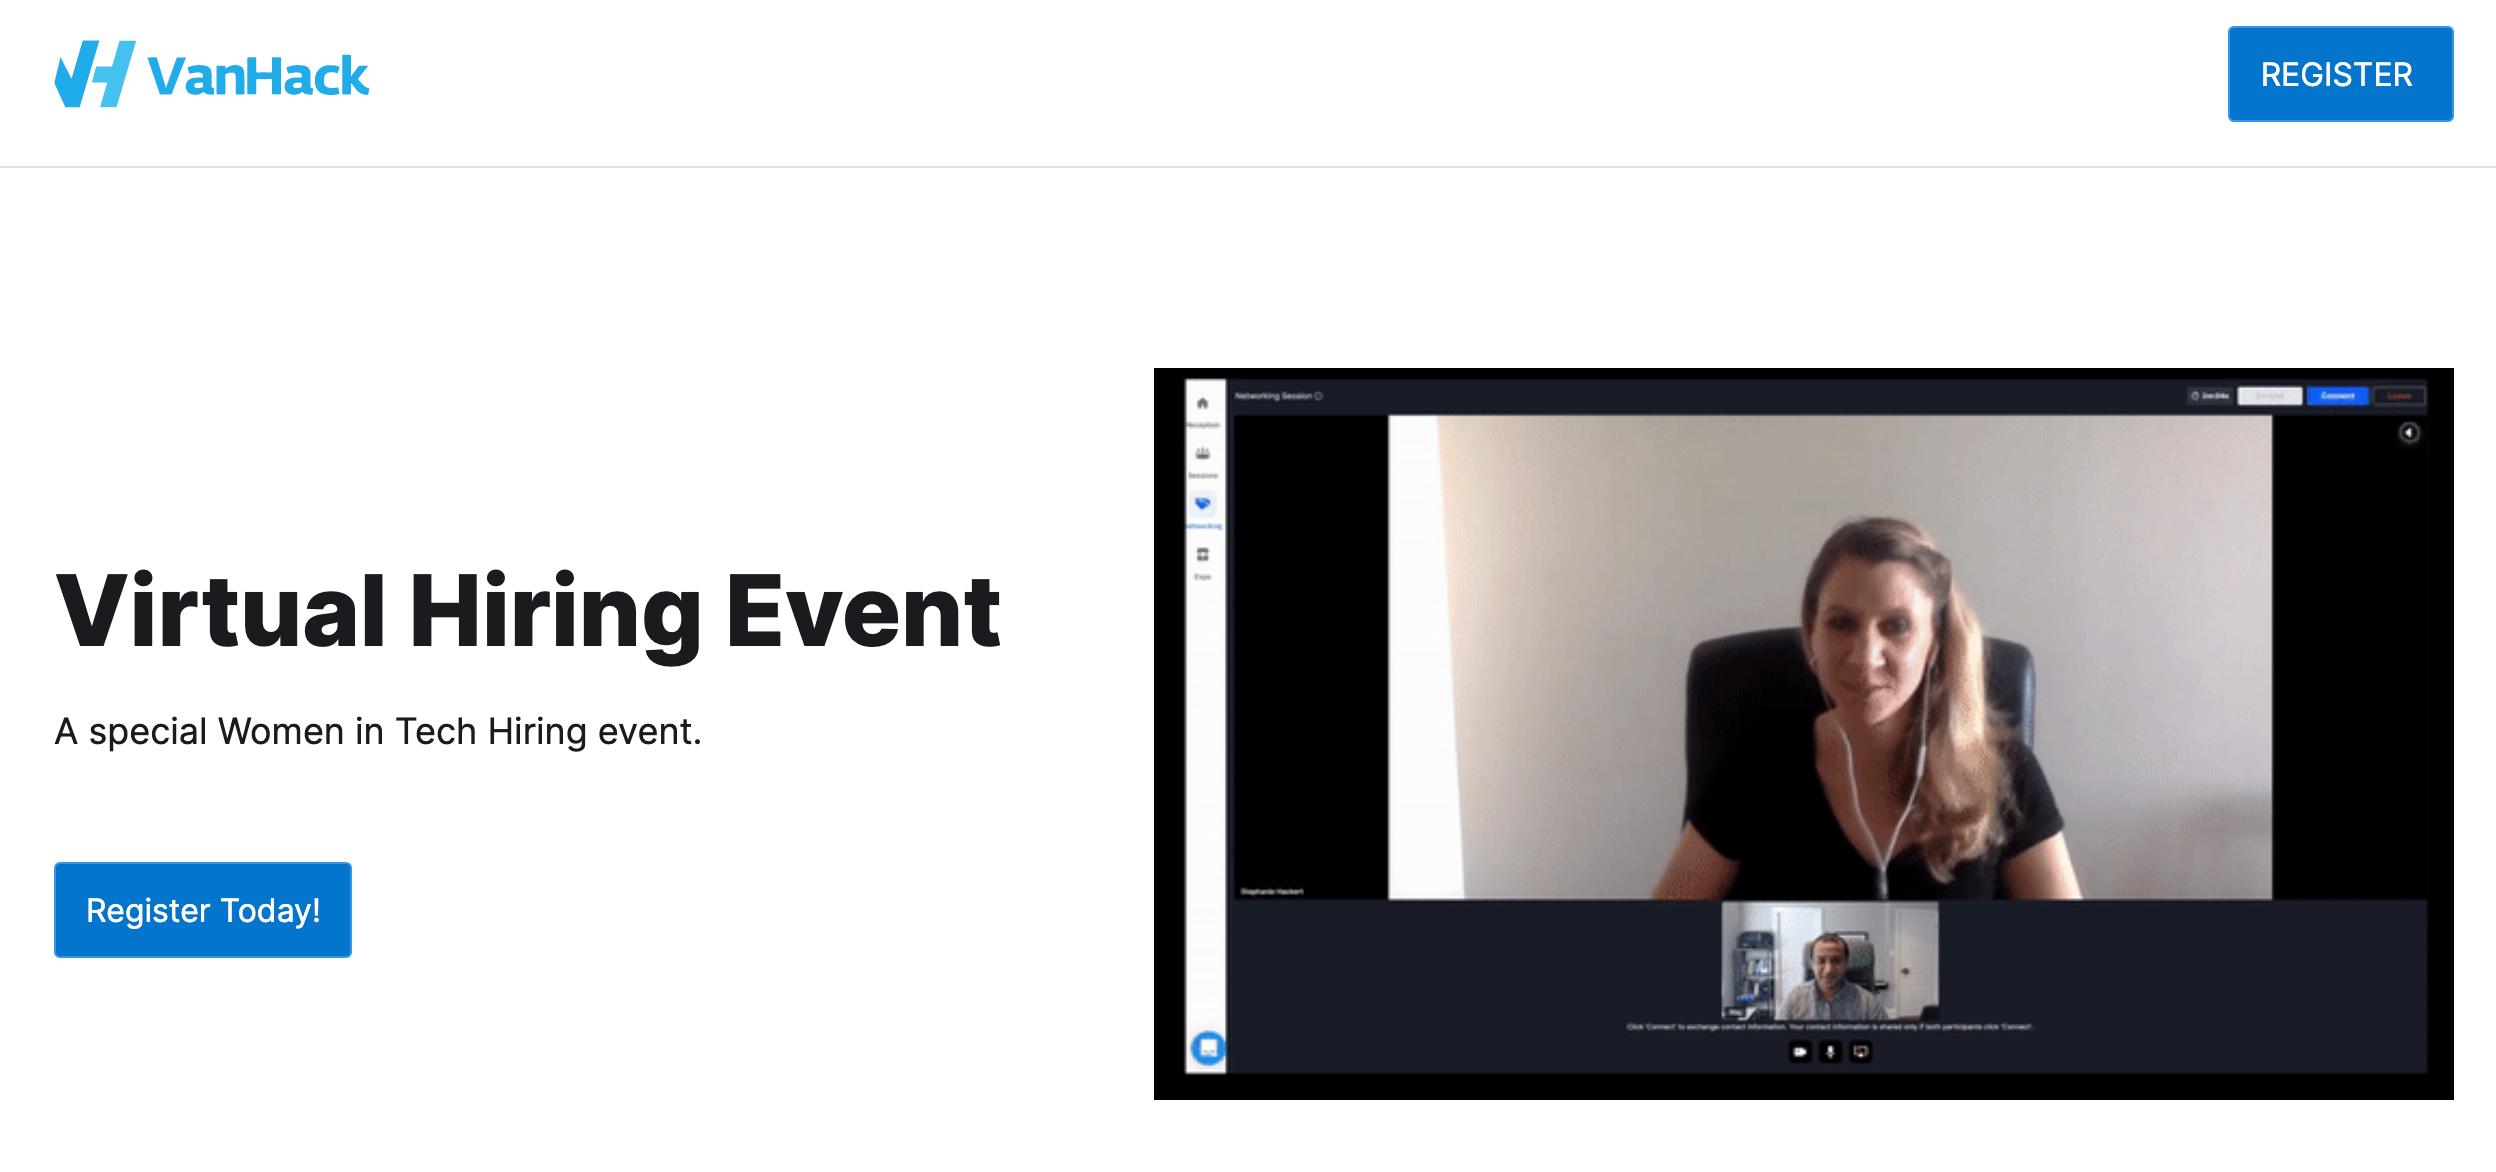 VanHack: Virtual hiring event